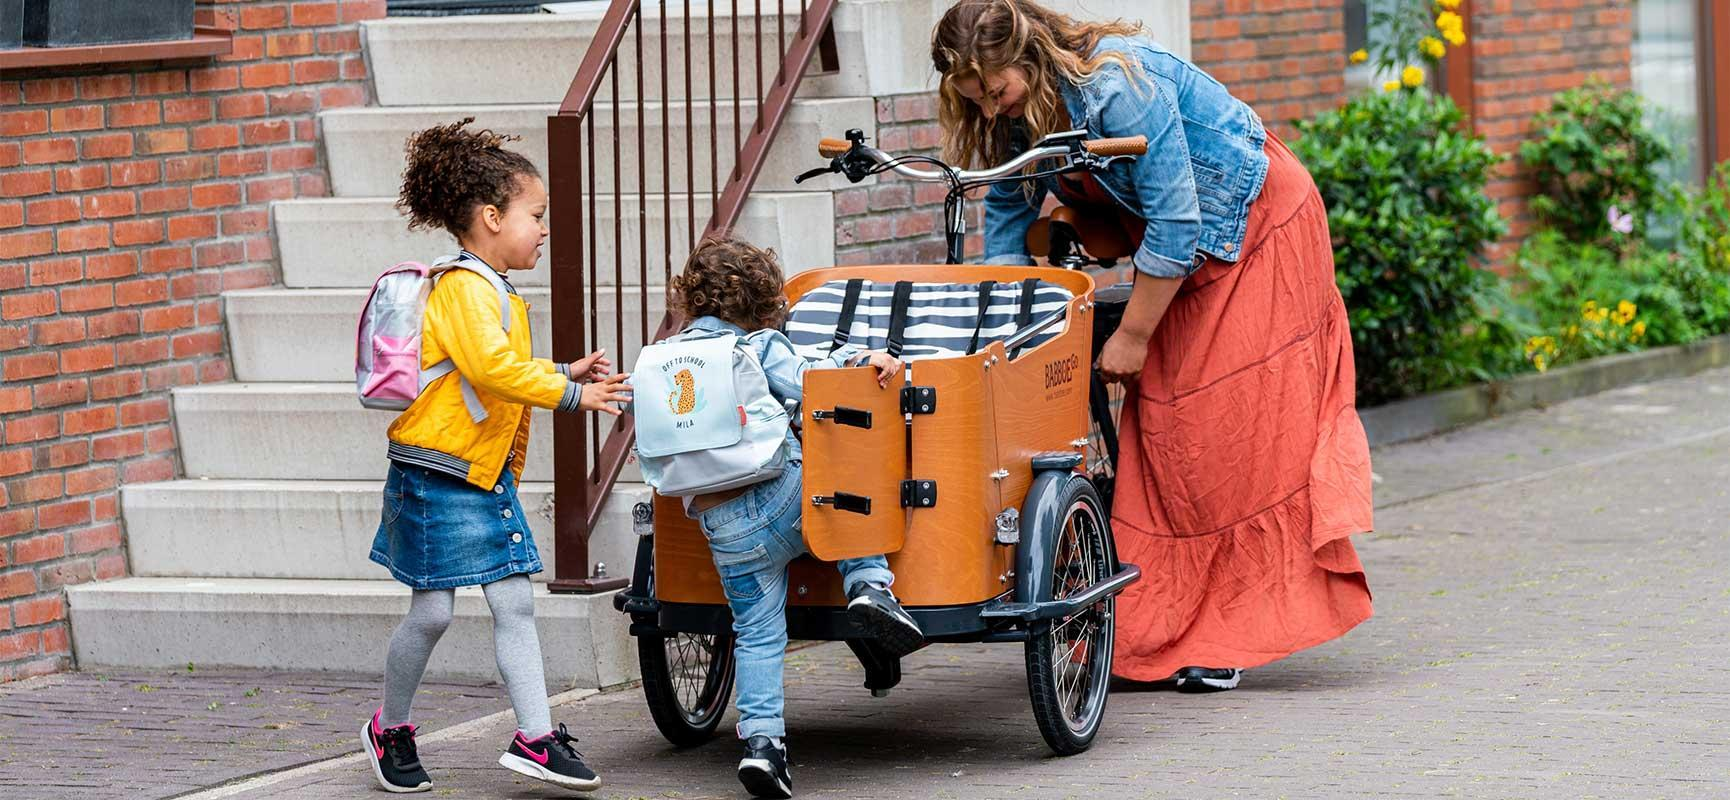 10 façons dont un vélo biporteur ou vélo triporteur peut améliorier votre vie de famille